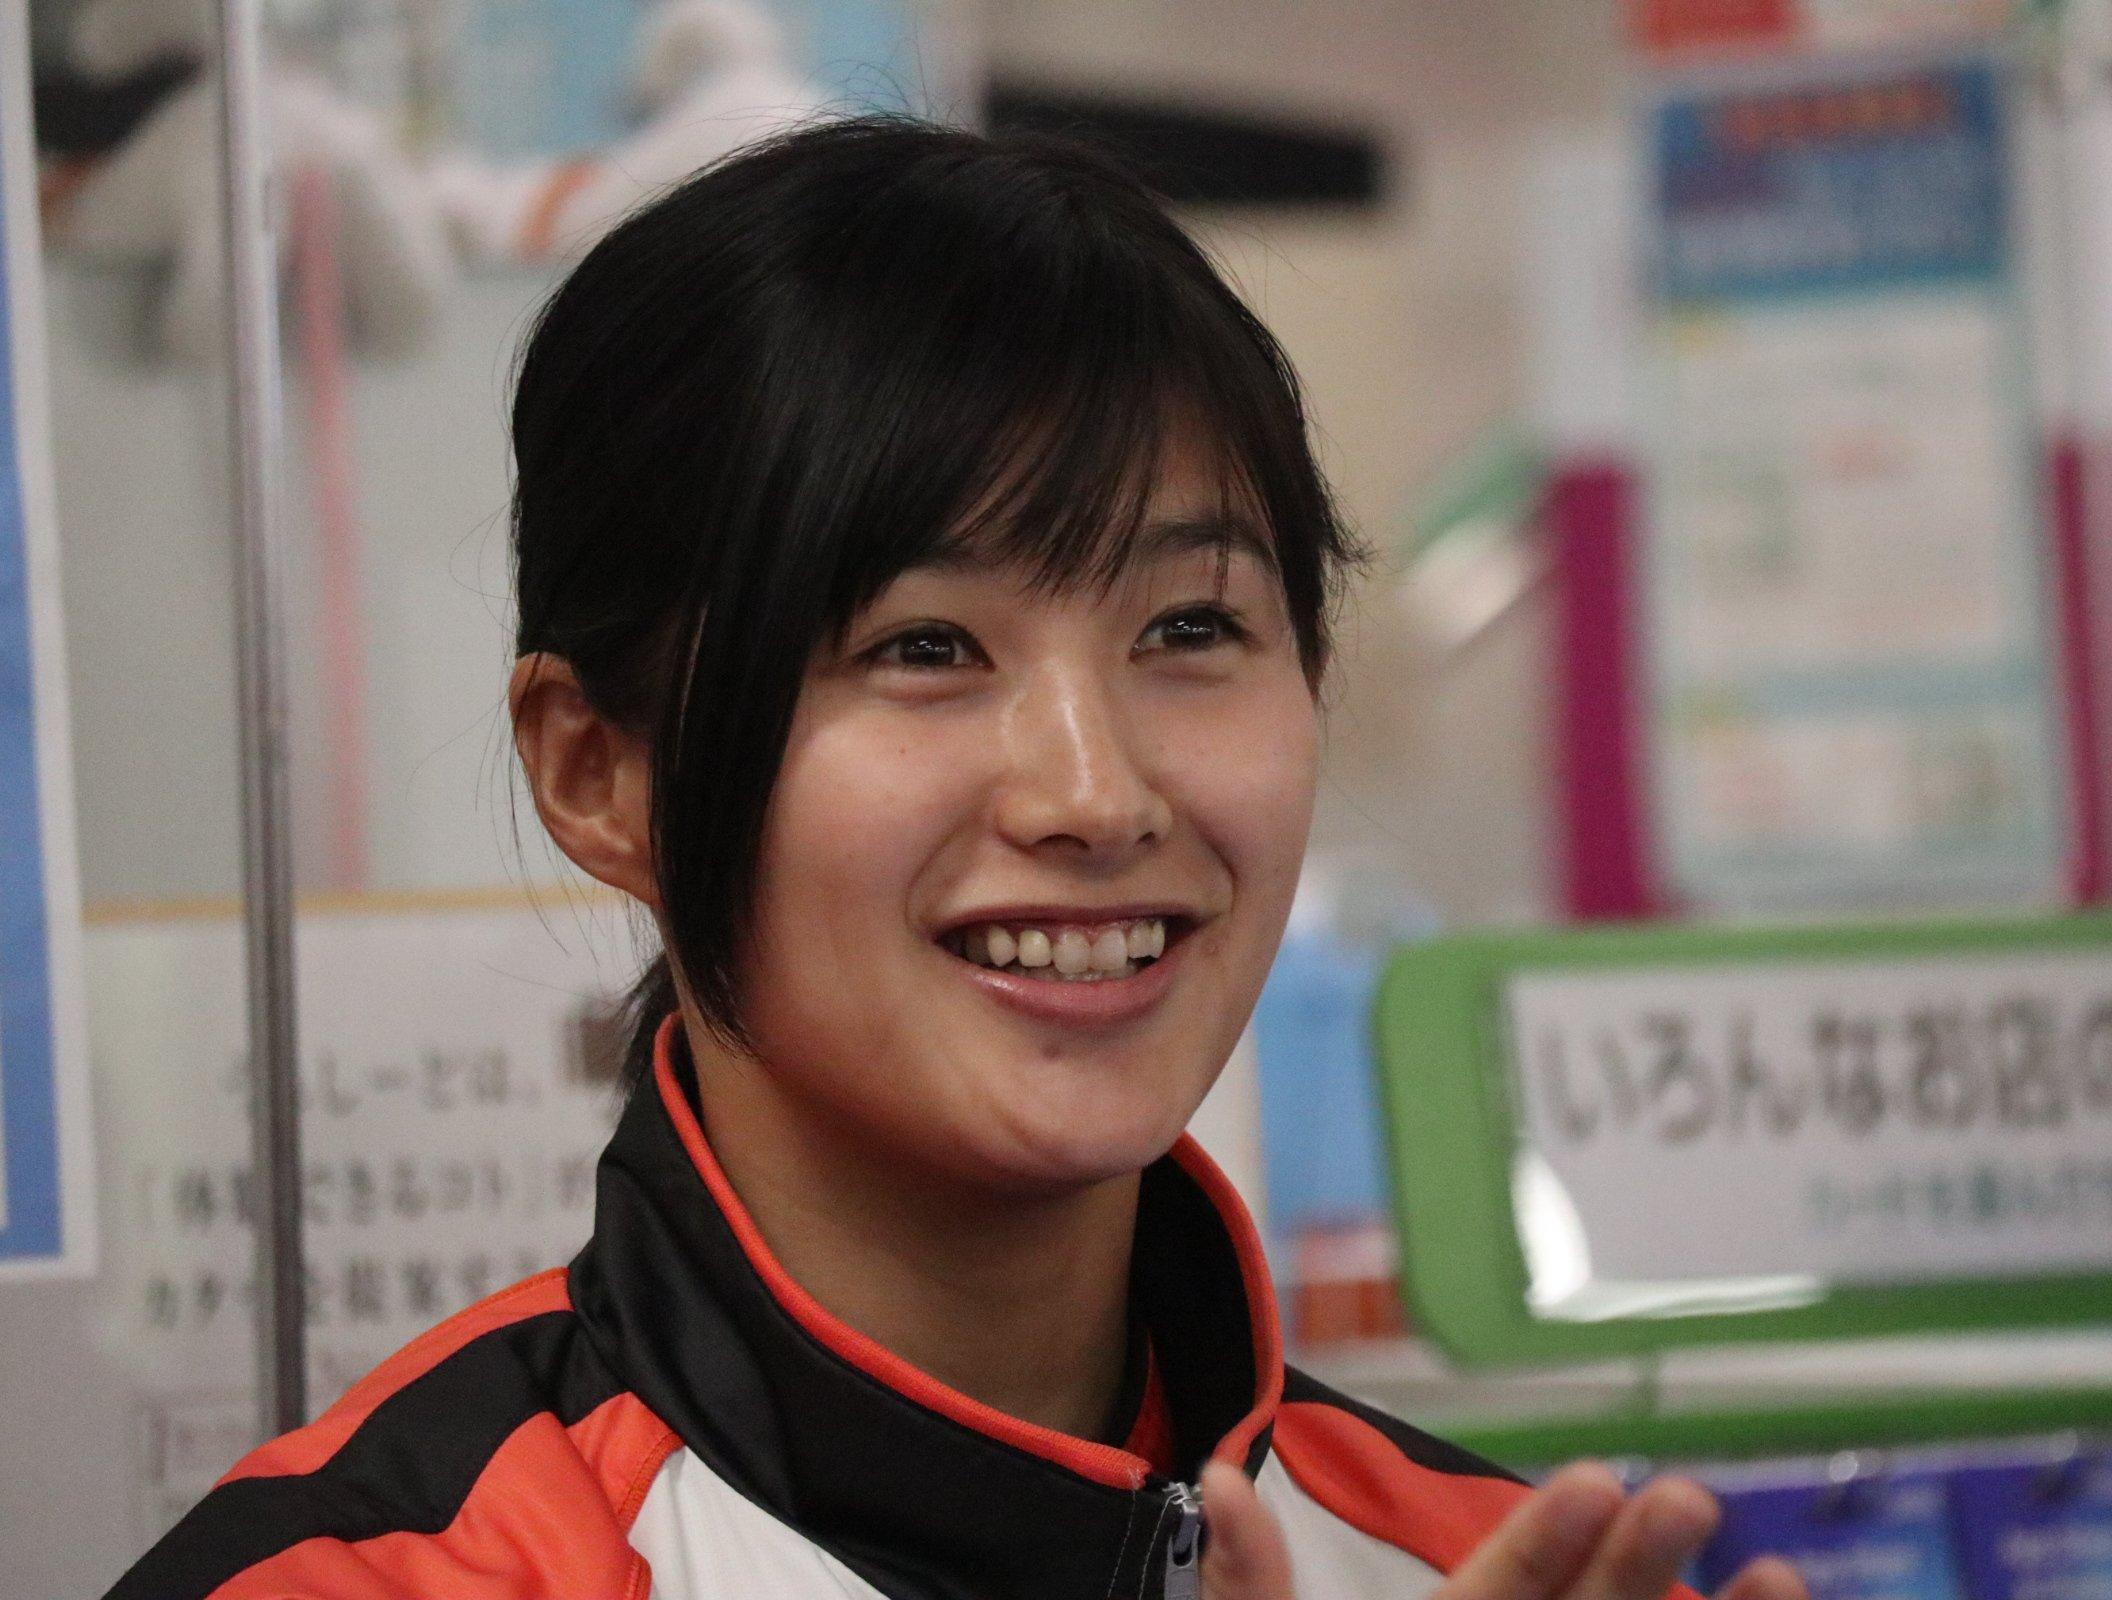 加藤優 (女子野球選手) , Wikipedia